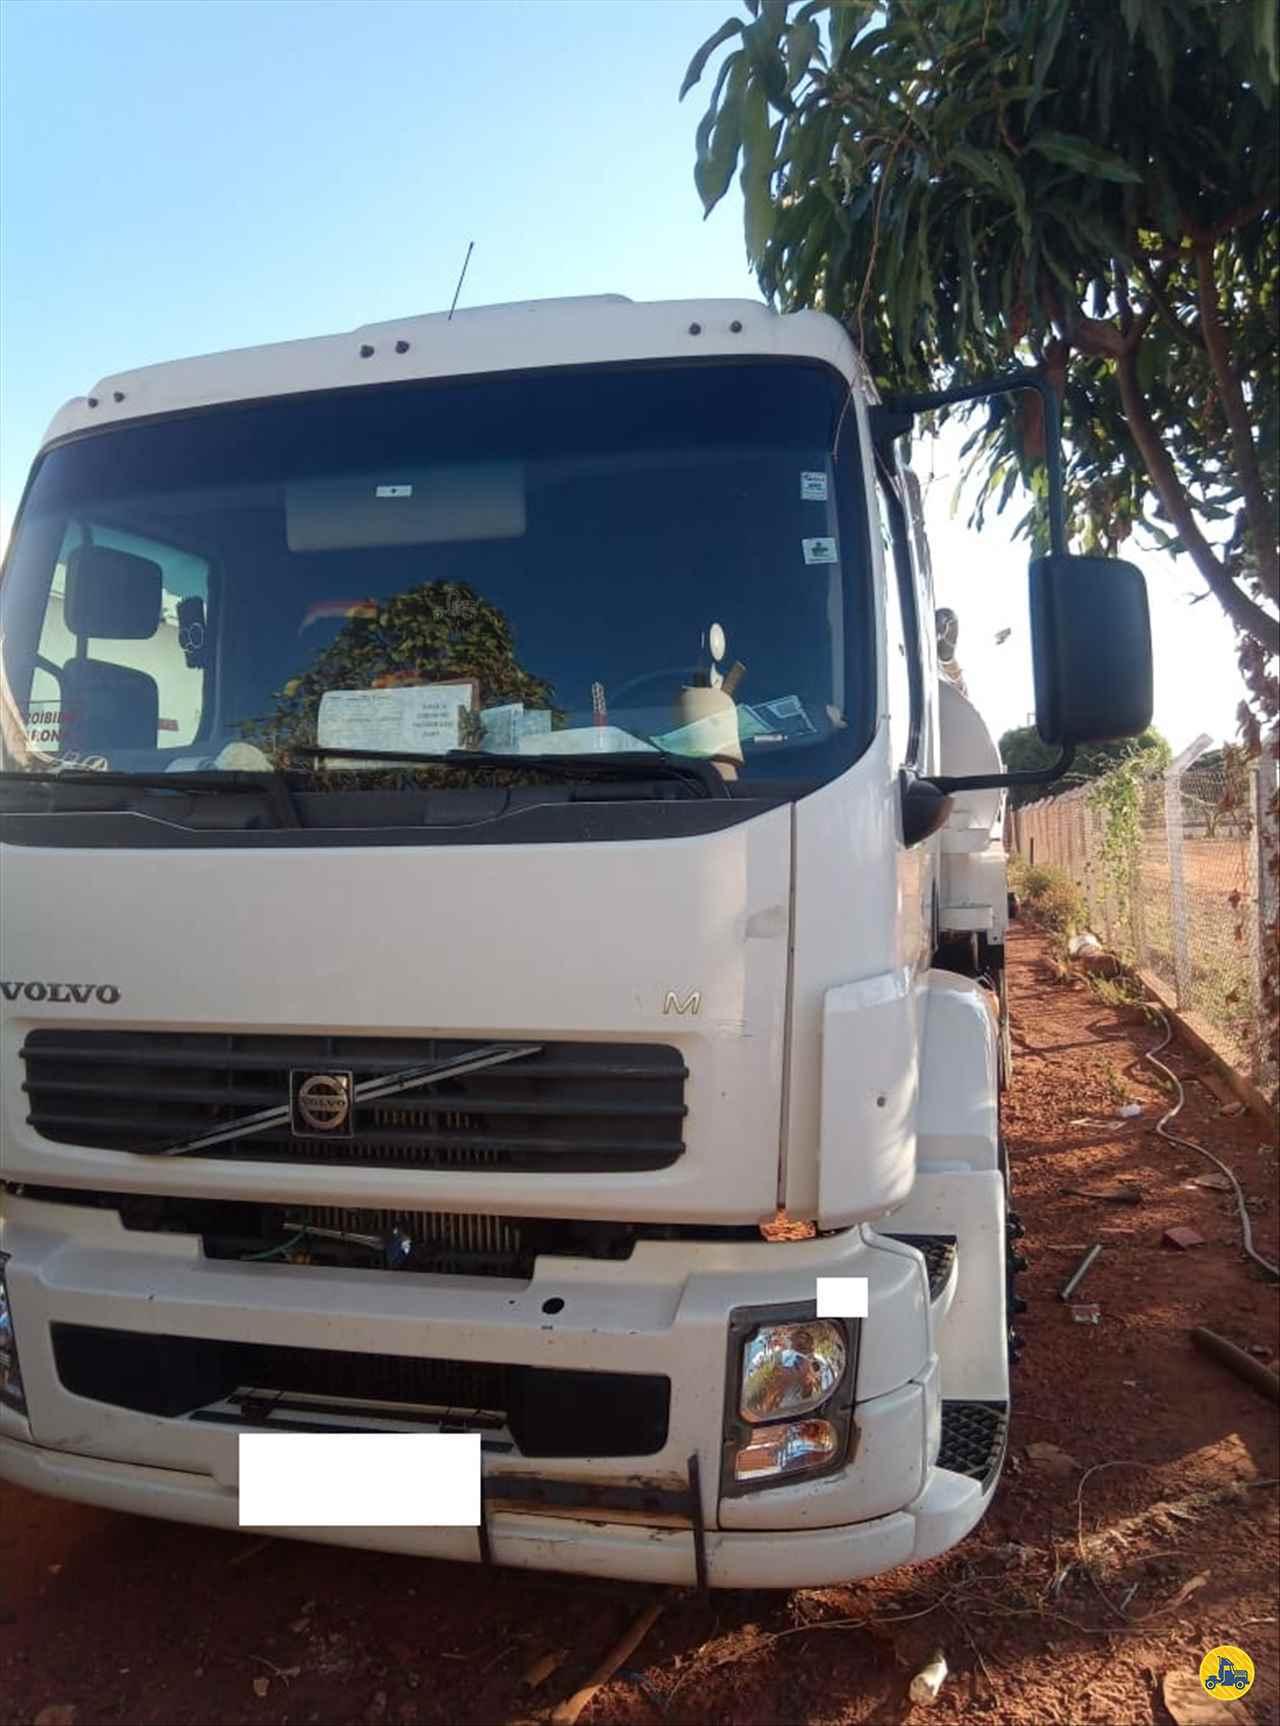 CAMINHAO VOLVO VOLVO VM 260 Tanque Aço Truck 6x2 RB Caminhões & Financiamentos ARAGUARI MINAS GERAIS MG